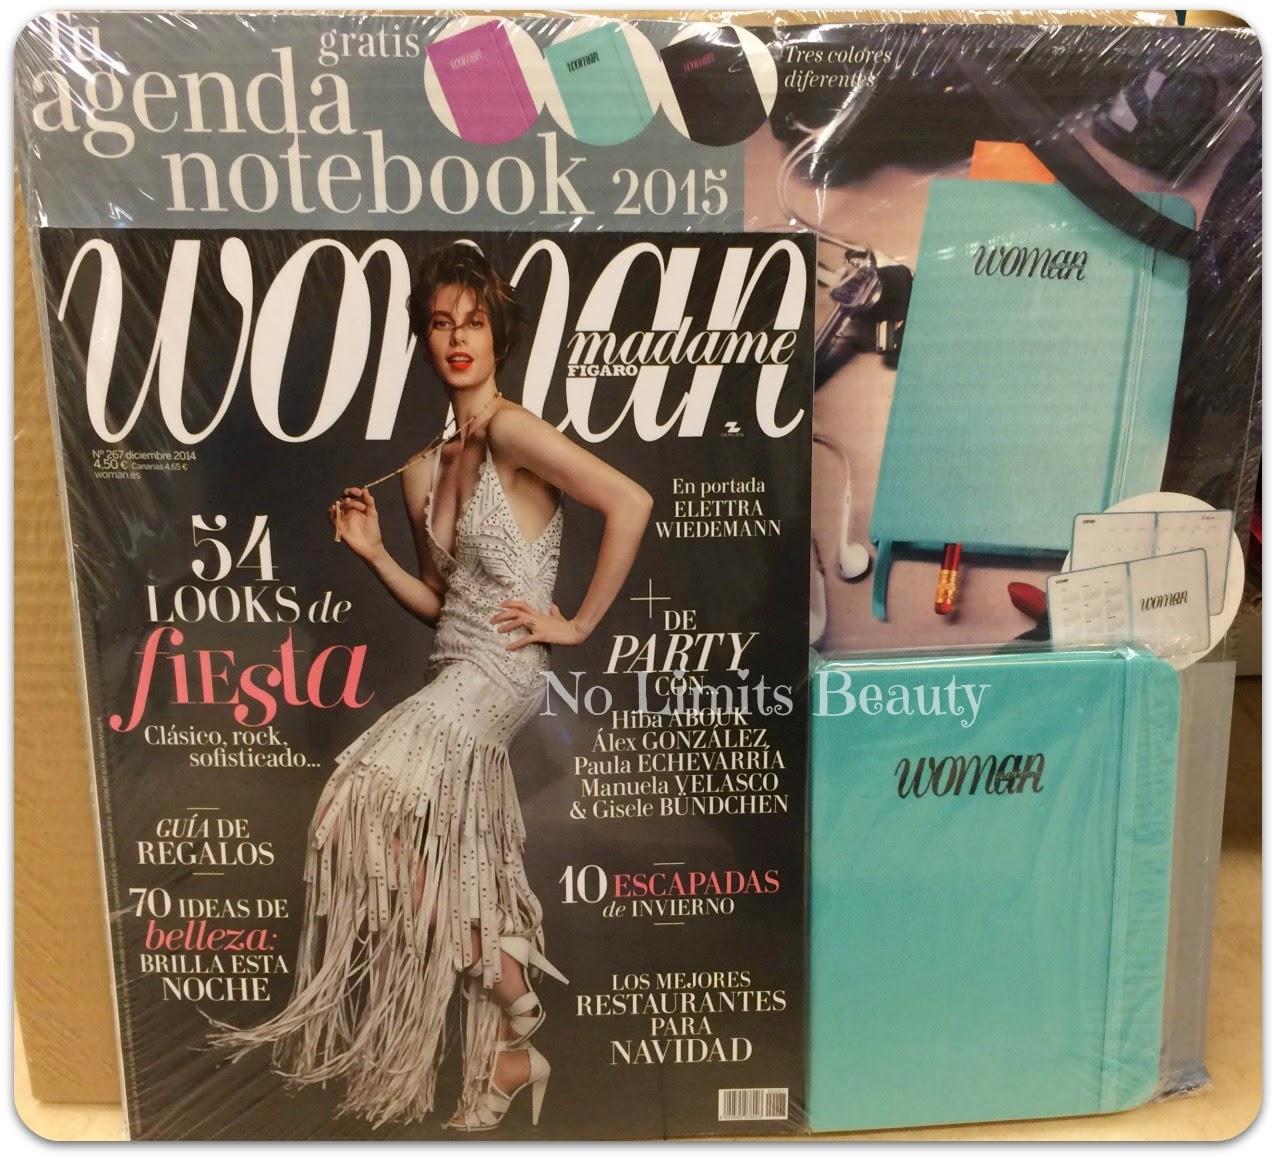 Regalos revistas Diciembre 2014: Woman